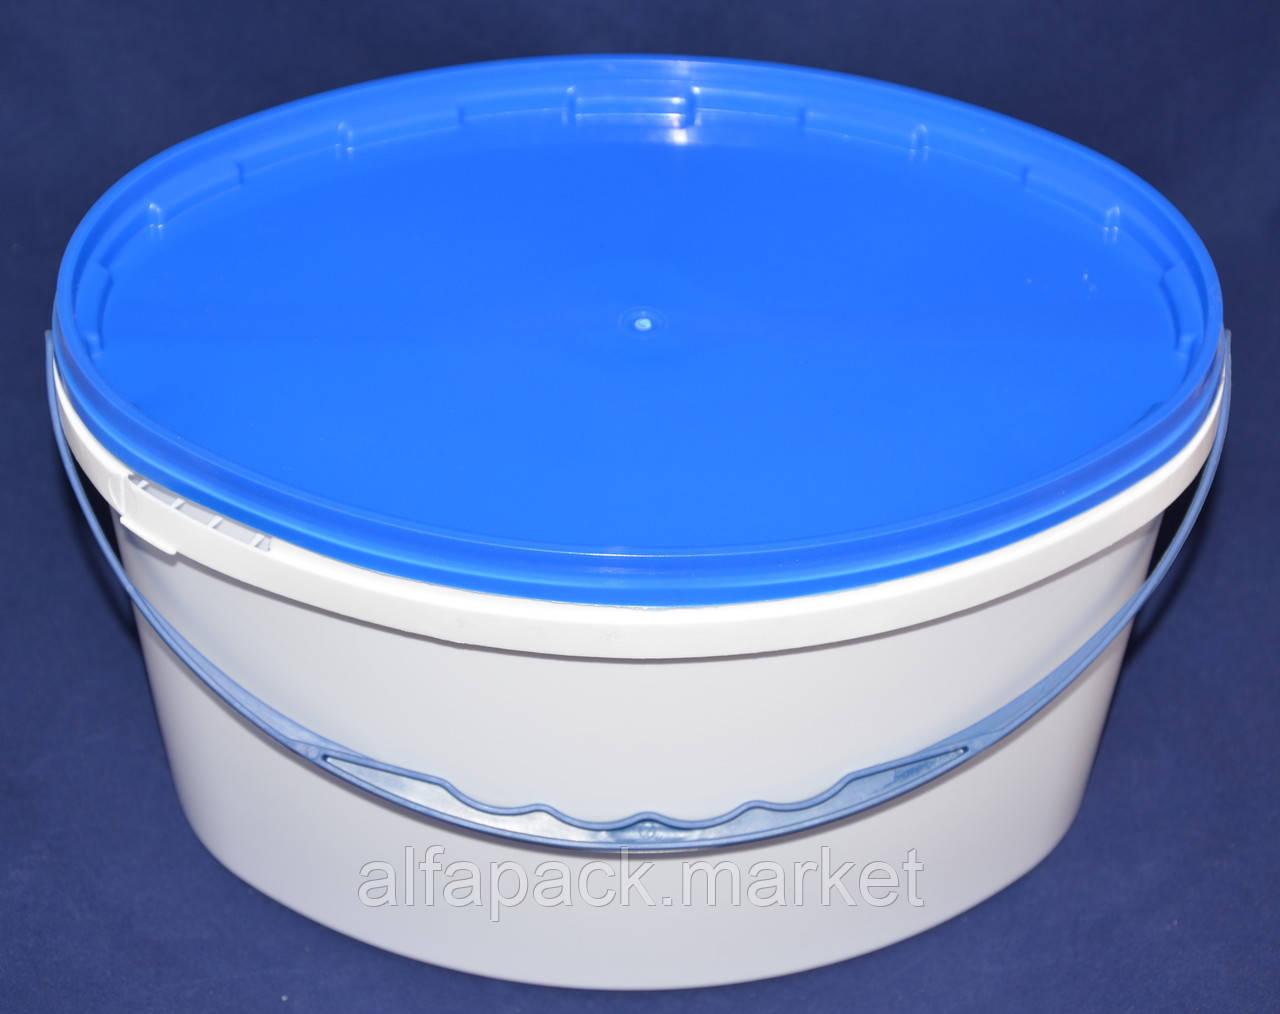 Ведро 5,6 л(овал) пластиковое для пищевых продуктов, белое